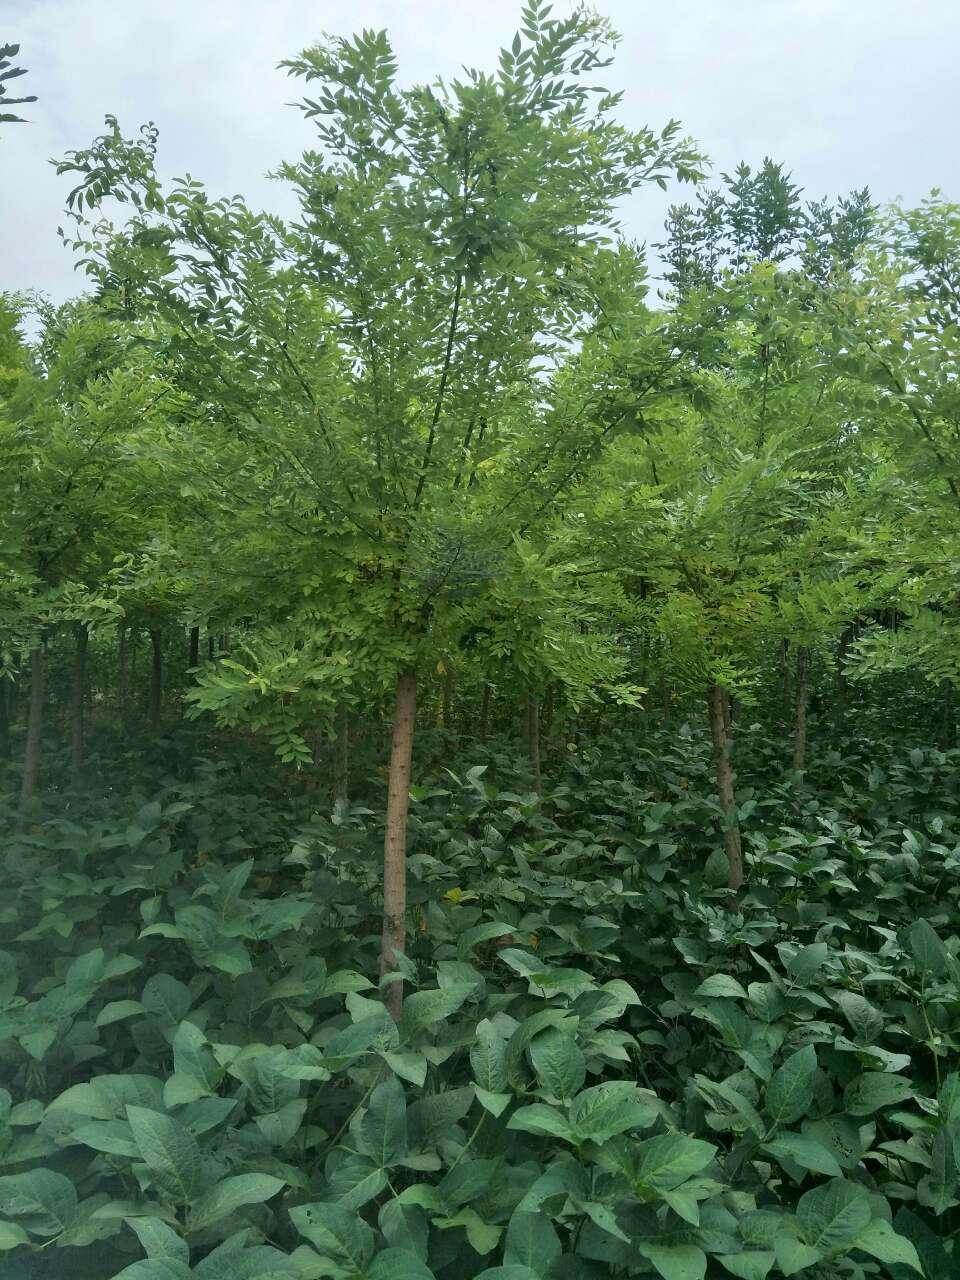 保珍源绿植园林绿化苗木国槐 、白蜡、五角枫、法桐、黄金槐、金叶榆、金叶槐